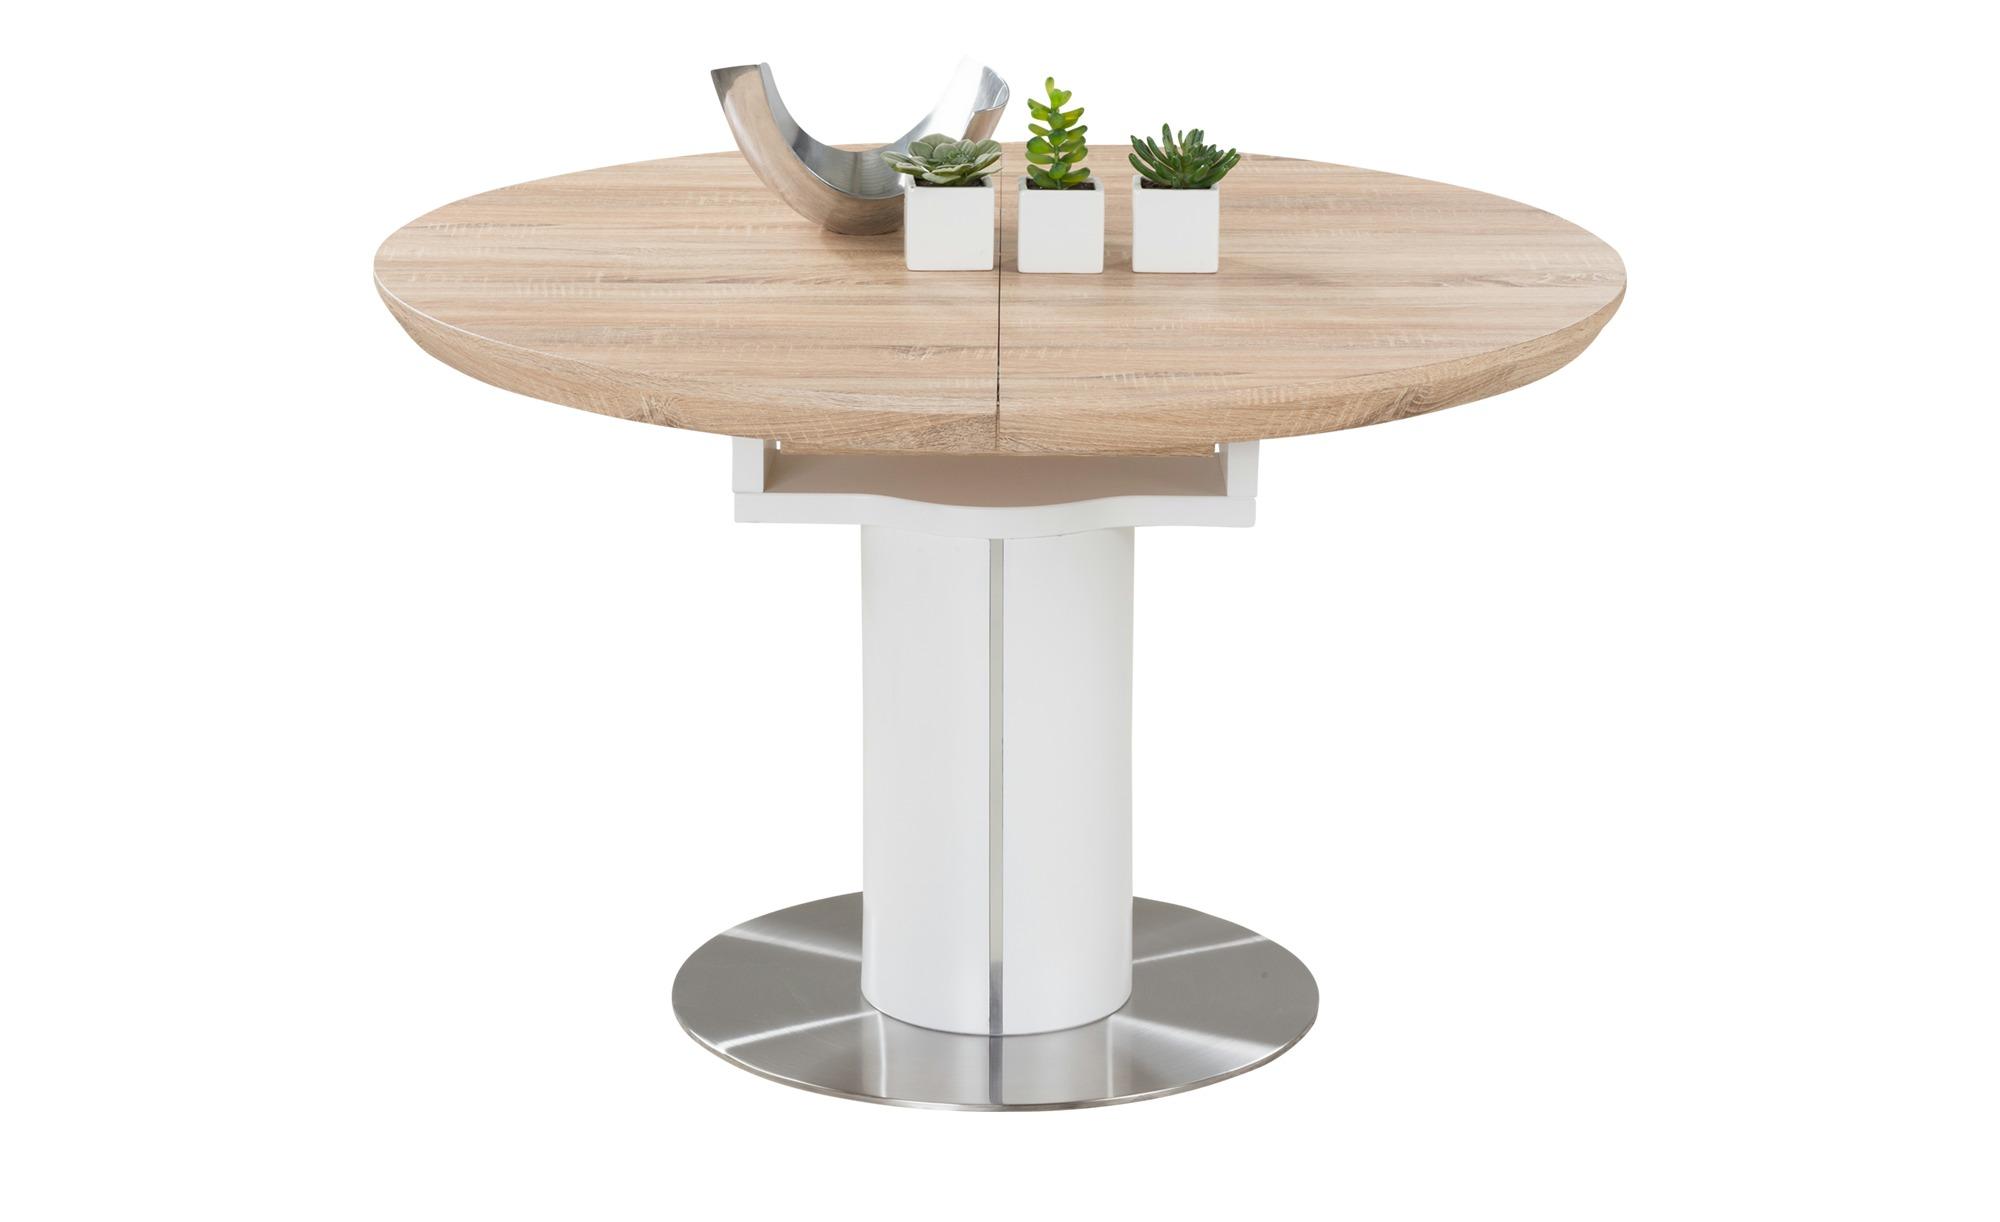 Tisch Rund Zum Ausziehen.Esstisch Rund Ausziehbar Harvey Gefunden Bei Möbel Höffner